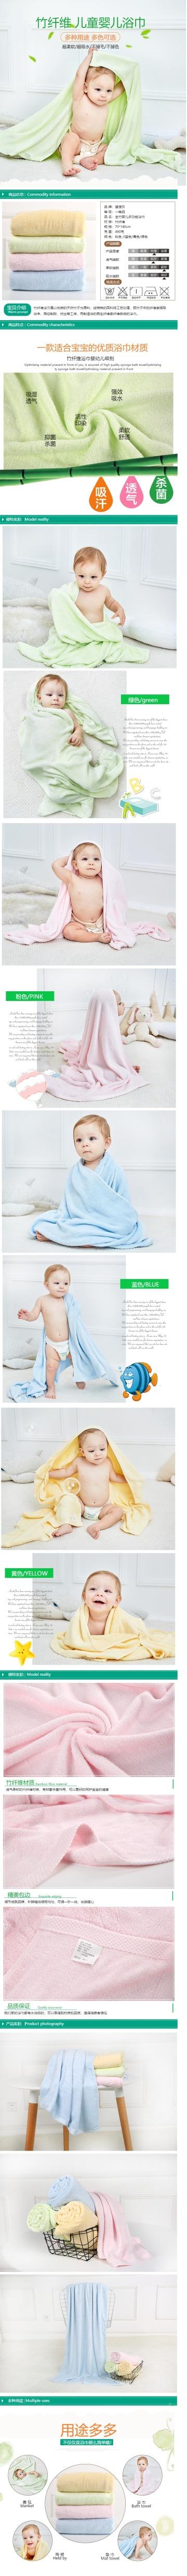 简约竹纤维儿童婴儿浴巾电商详情页